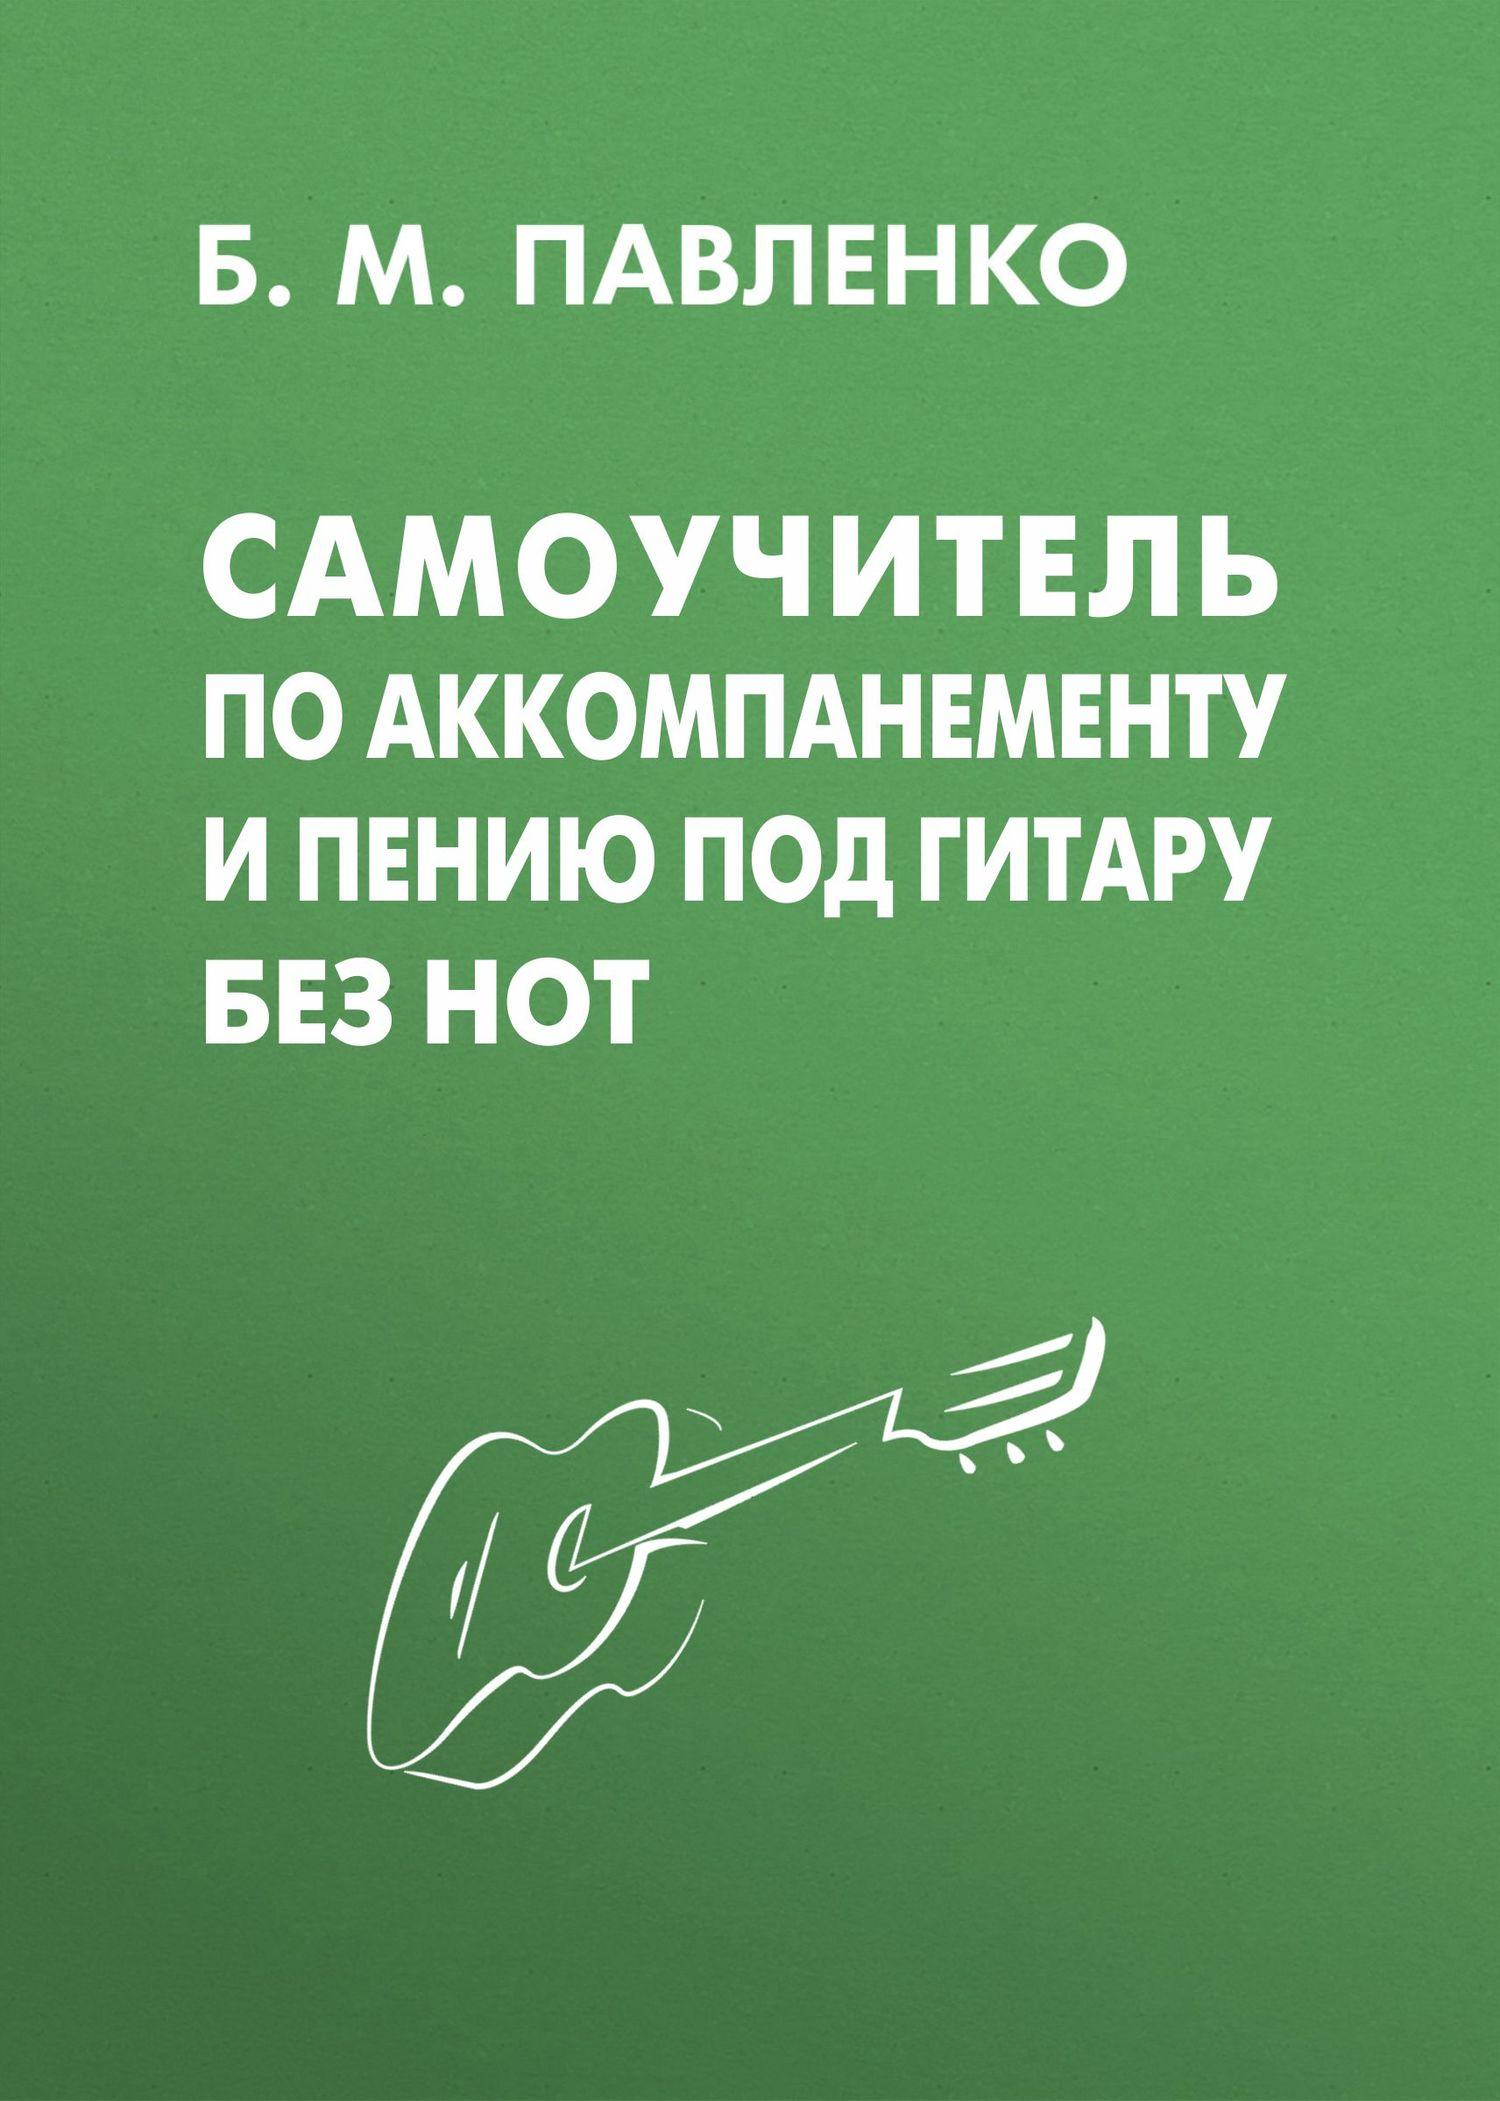 Б. М. Павленко Самоучитель по аккомпанементу и пению под гитару без нот б м павленко самоучитель по аккомпанементу и пению под гитару без нот